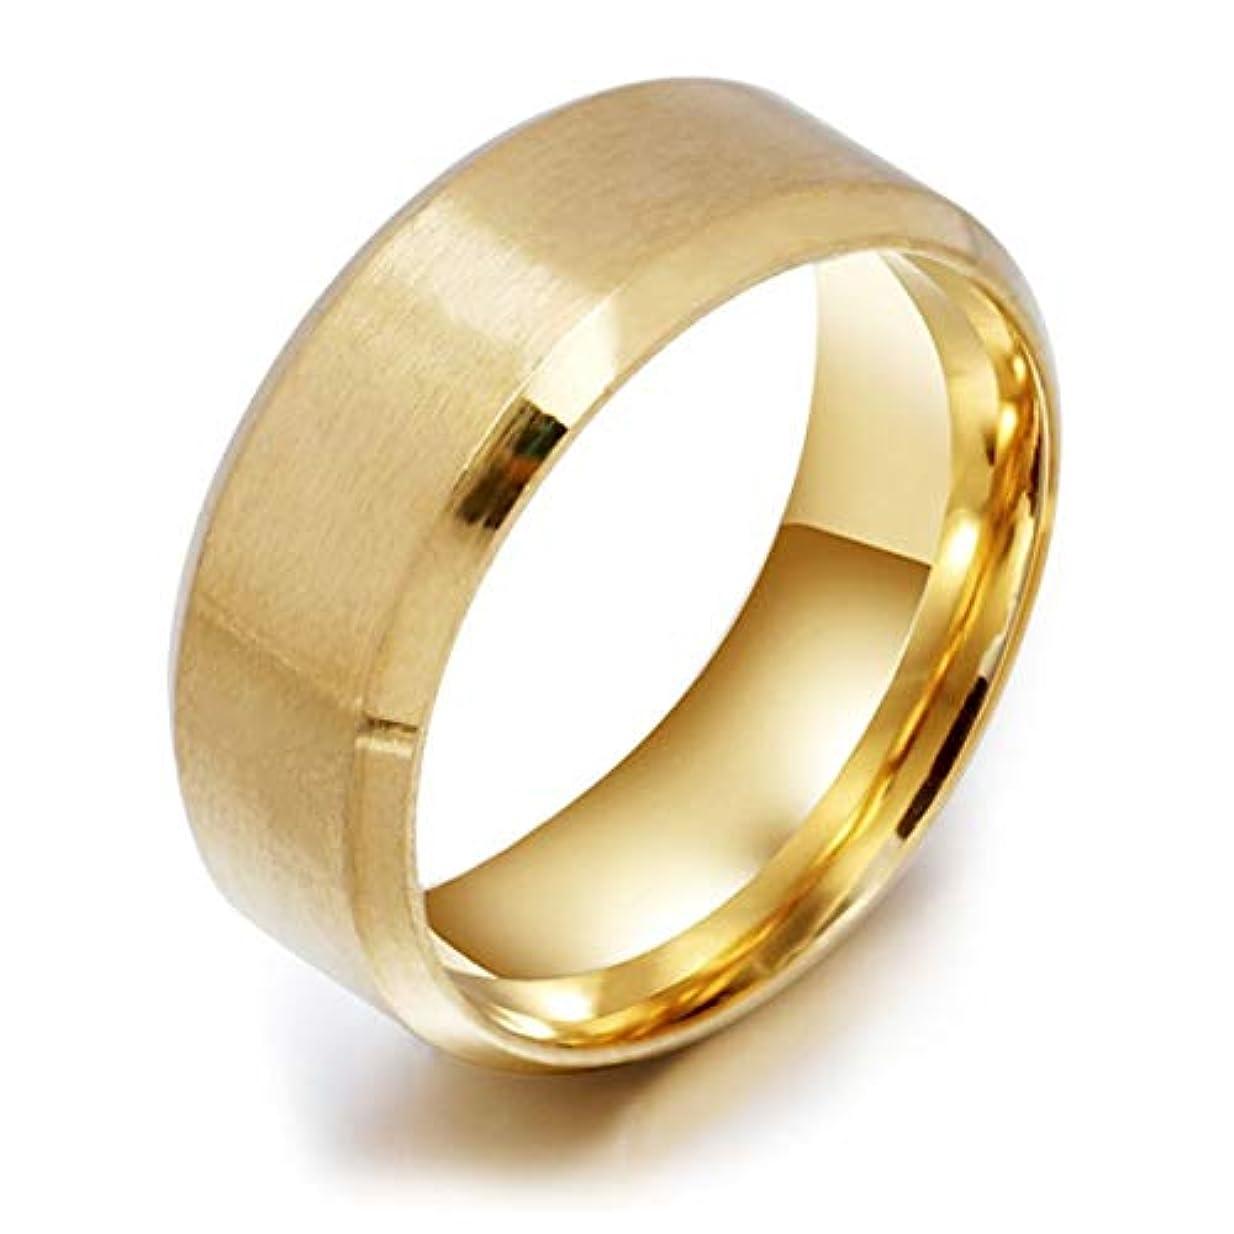 できないホスト彼のステンレス鋼の医療指リング磁気減量リング男性のための高いポーランドのファッションジュエリー女性リング-ゴールド10